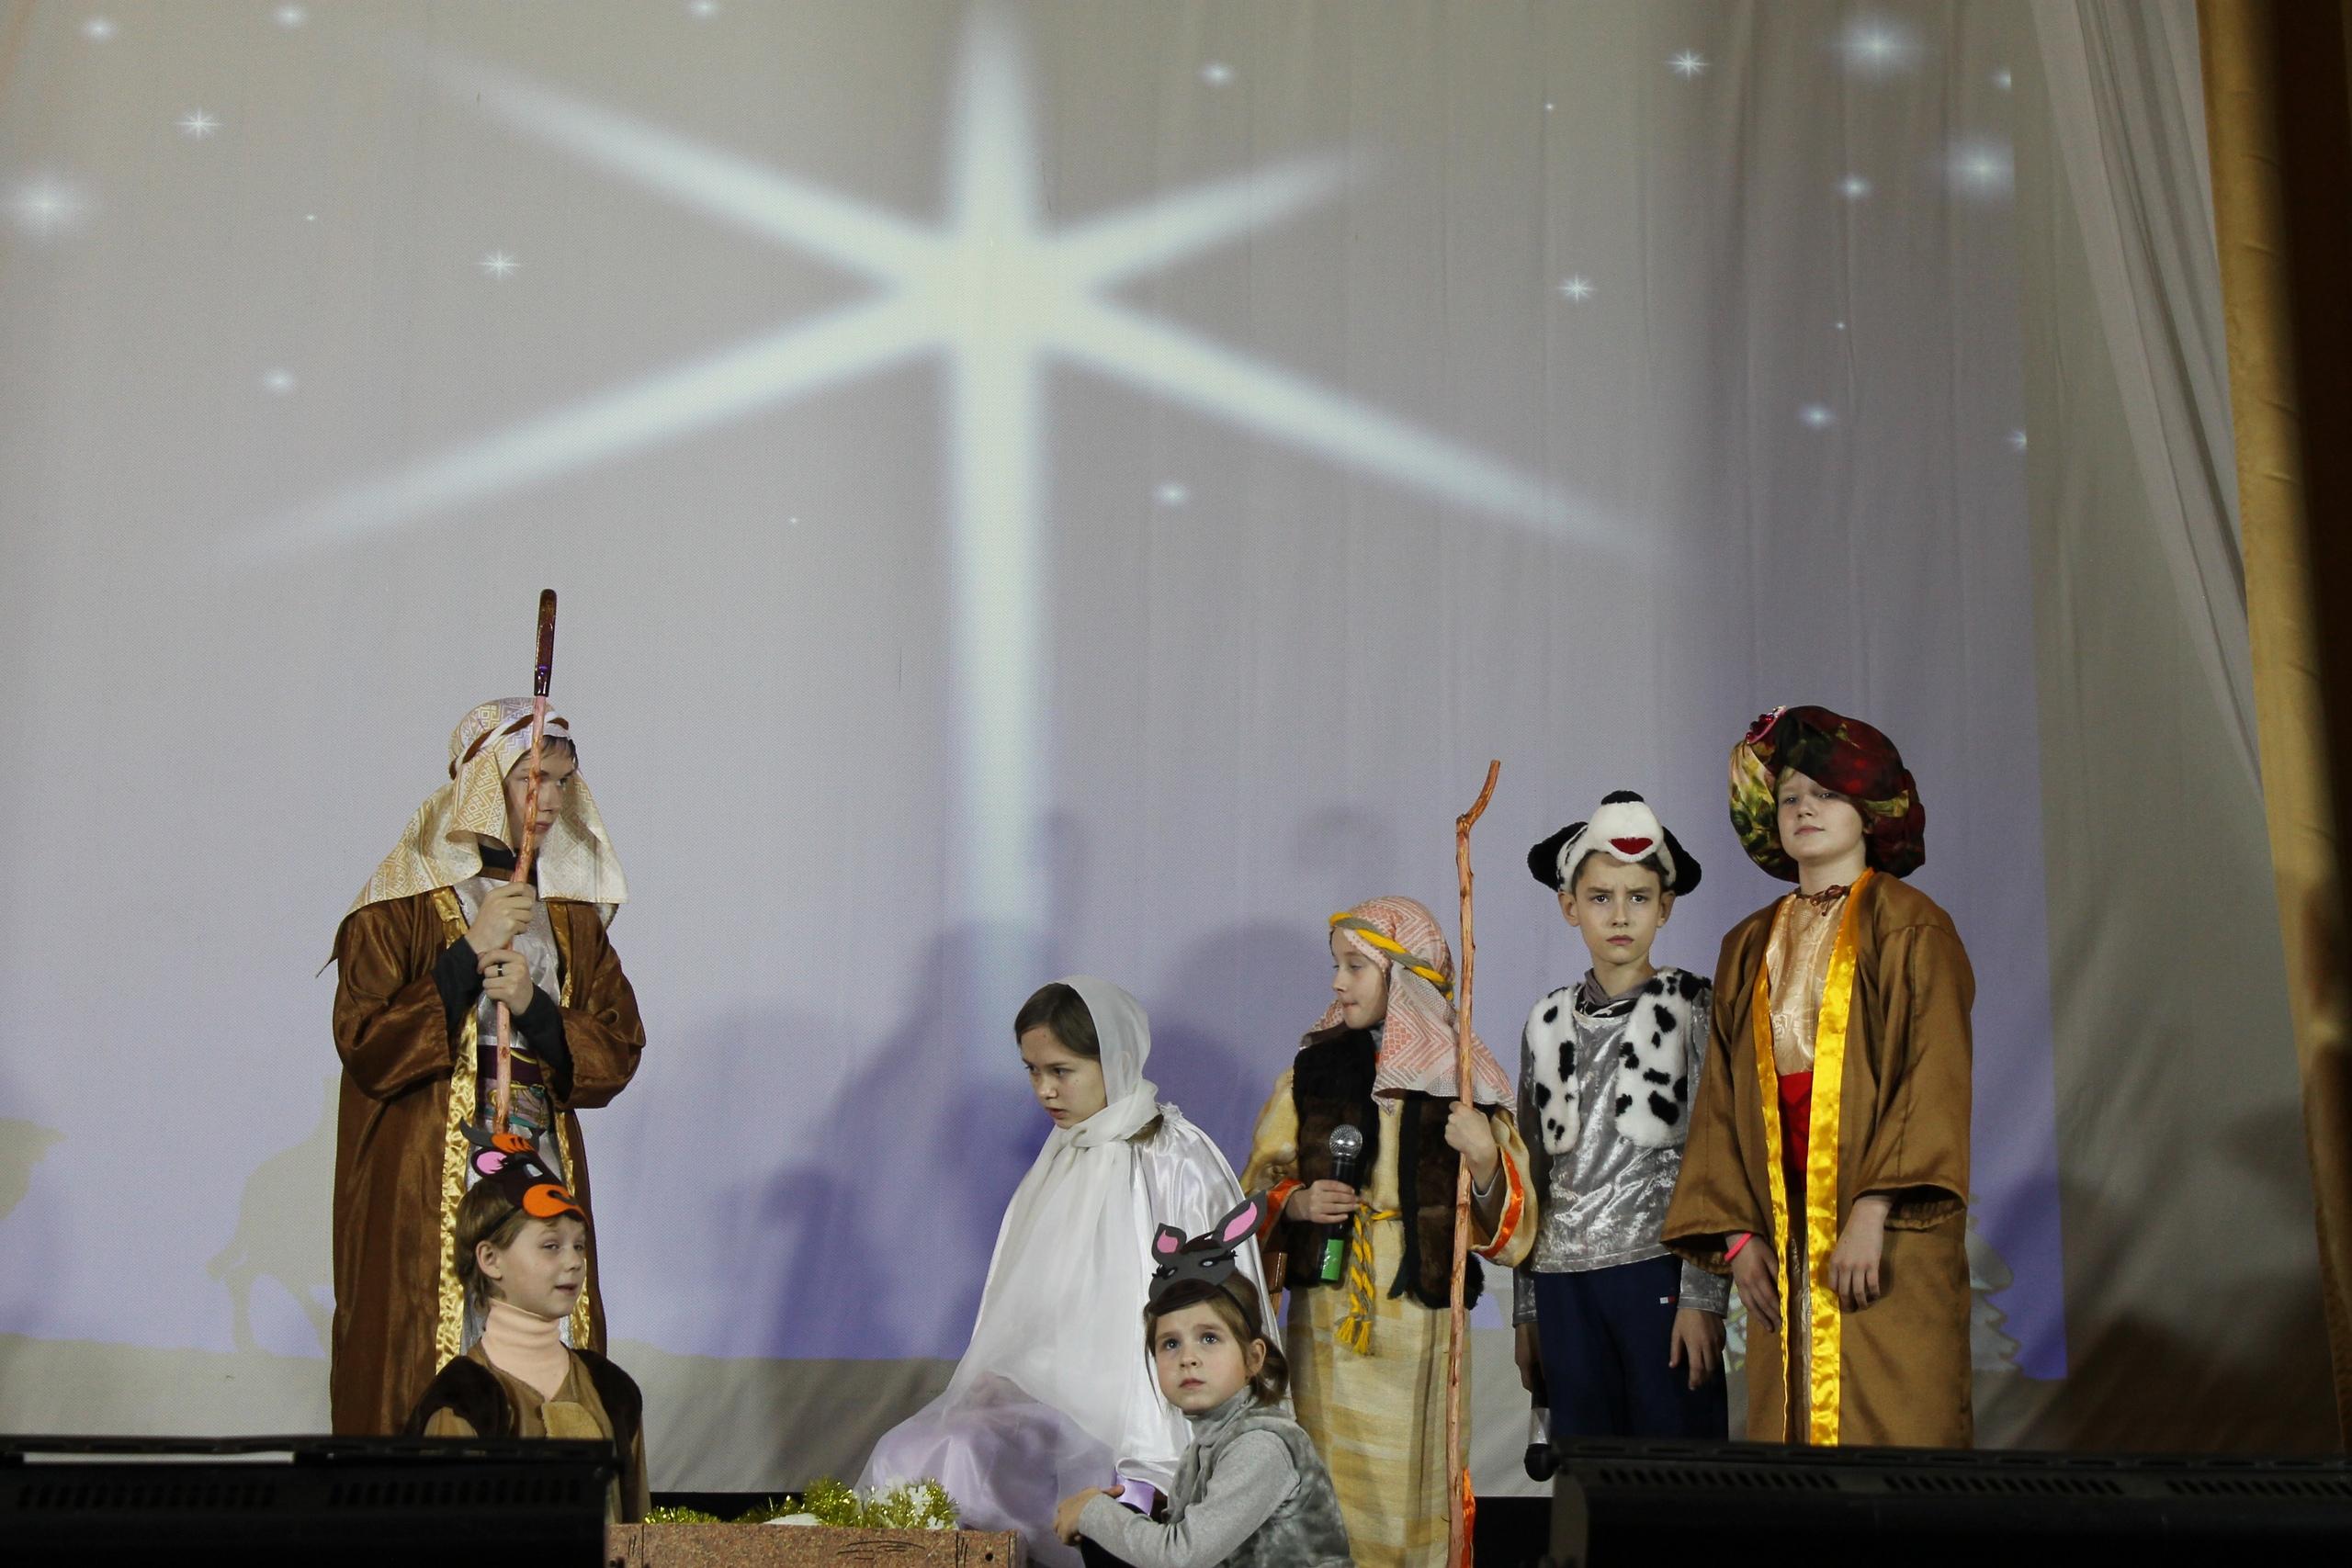 В Жарковском районе дети поставили на сцене спектакль про Рождество Христово